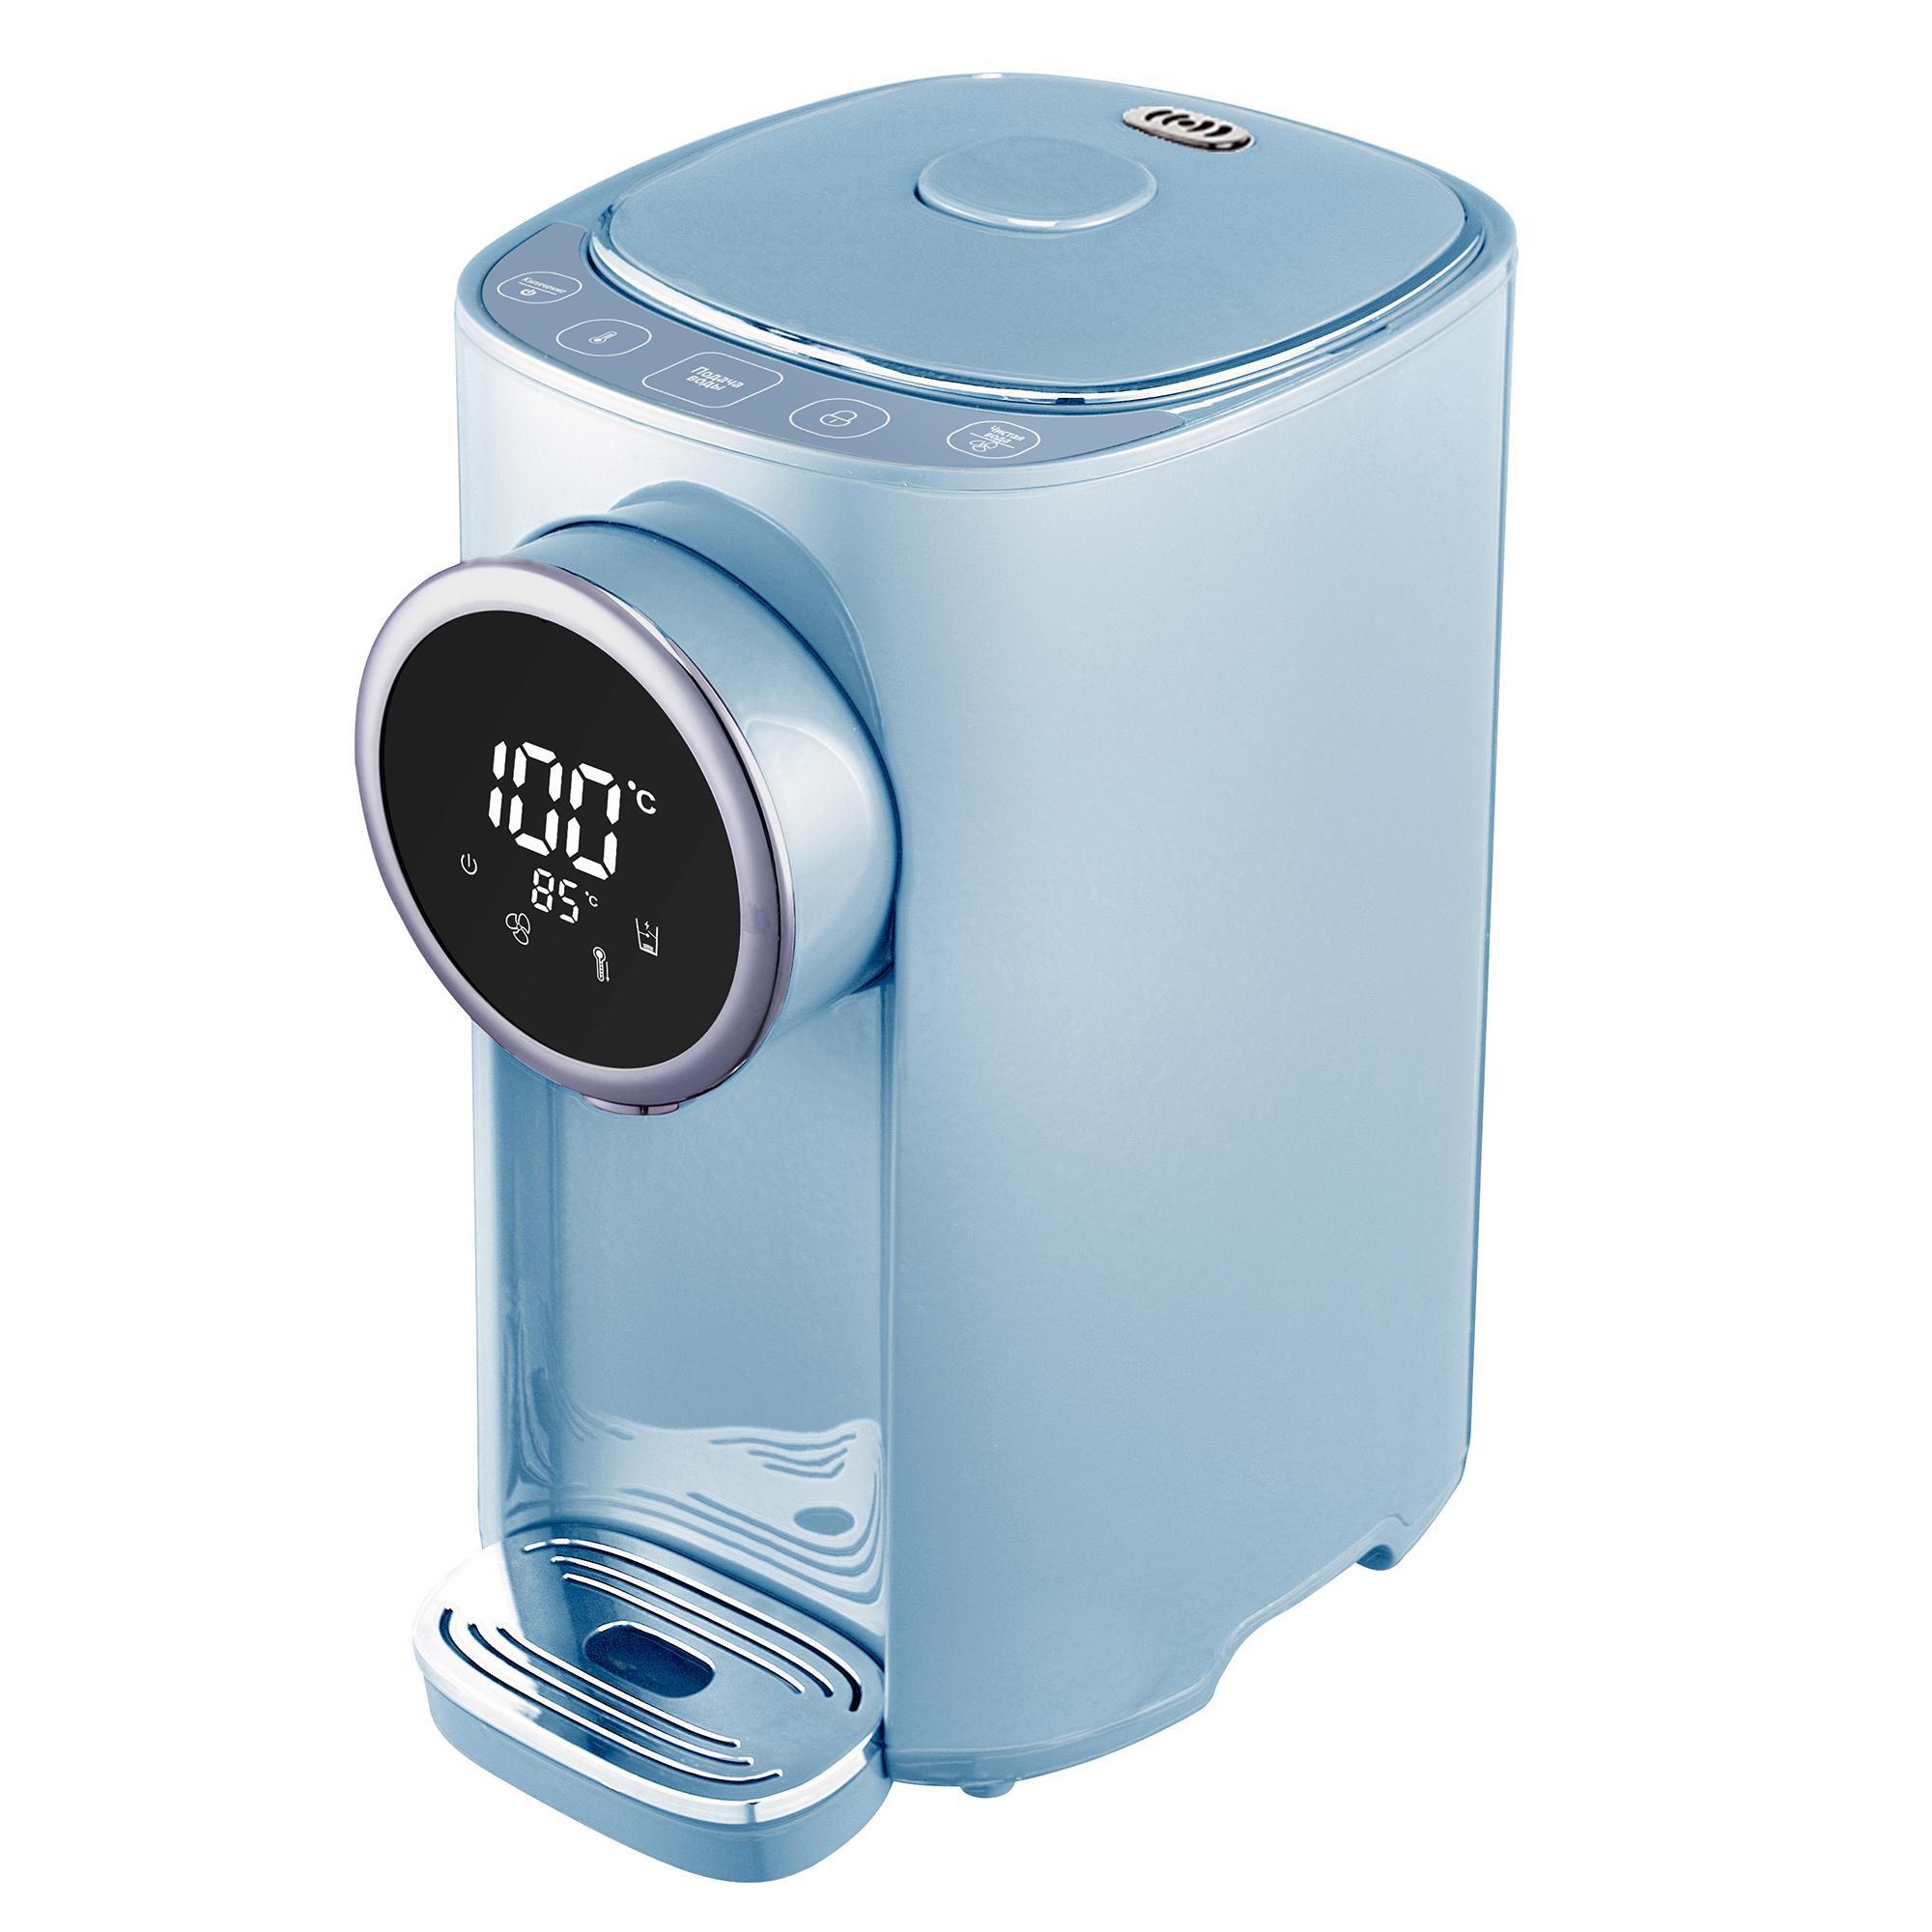 Термопот Tesler TP-5055 Sky Blue 5 литров, 1200 Вт, быстрое кипячение/охлаждение, корпус - пластик, колба - нерж. сталь термопот tesler tp 3001